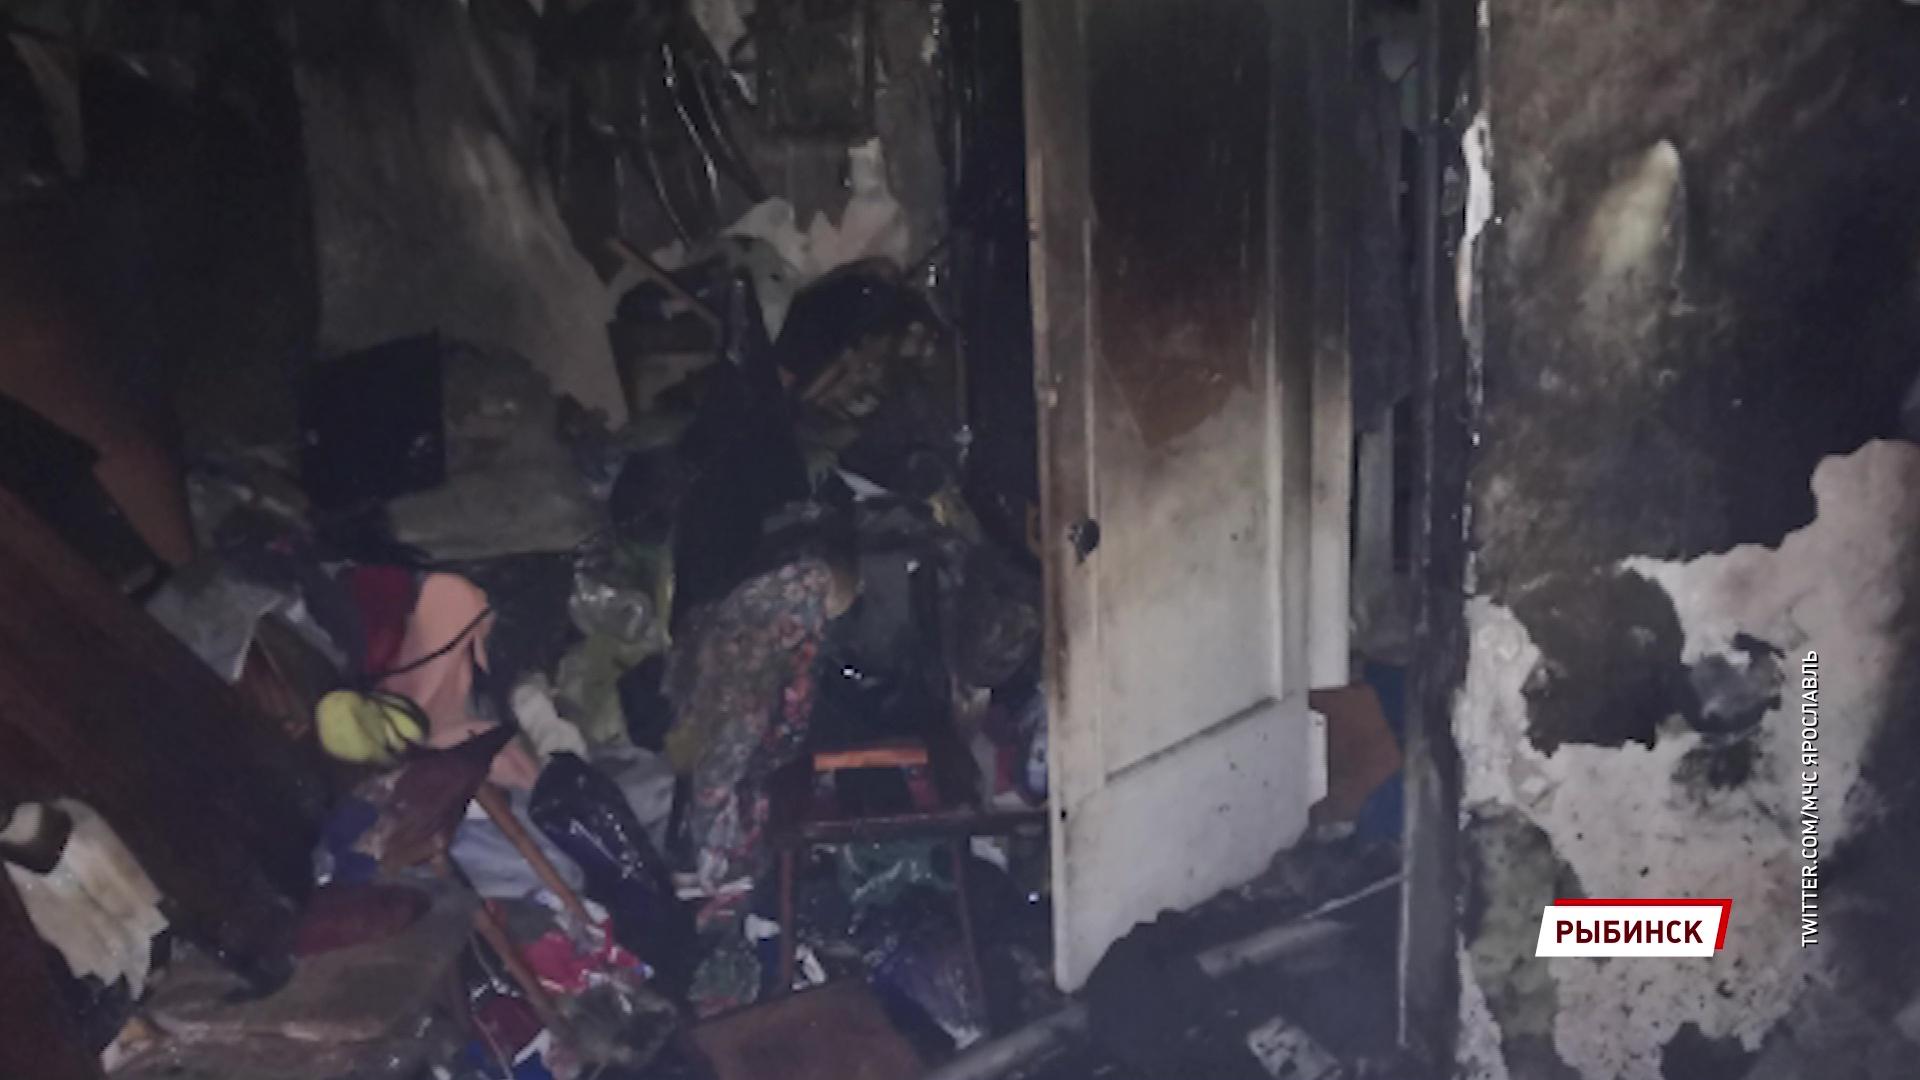 Из пожара в Рыбинске спасли пенсионерку и ребенка